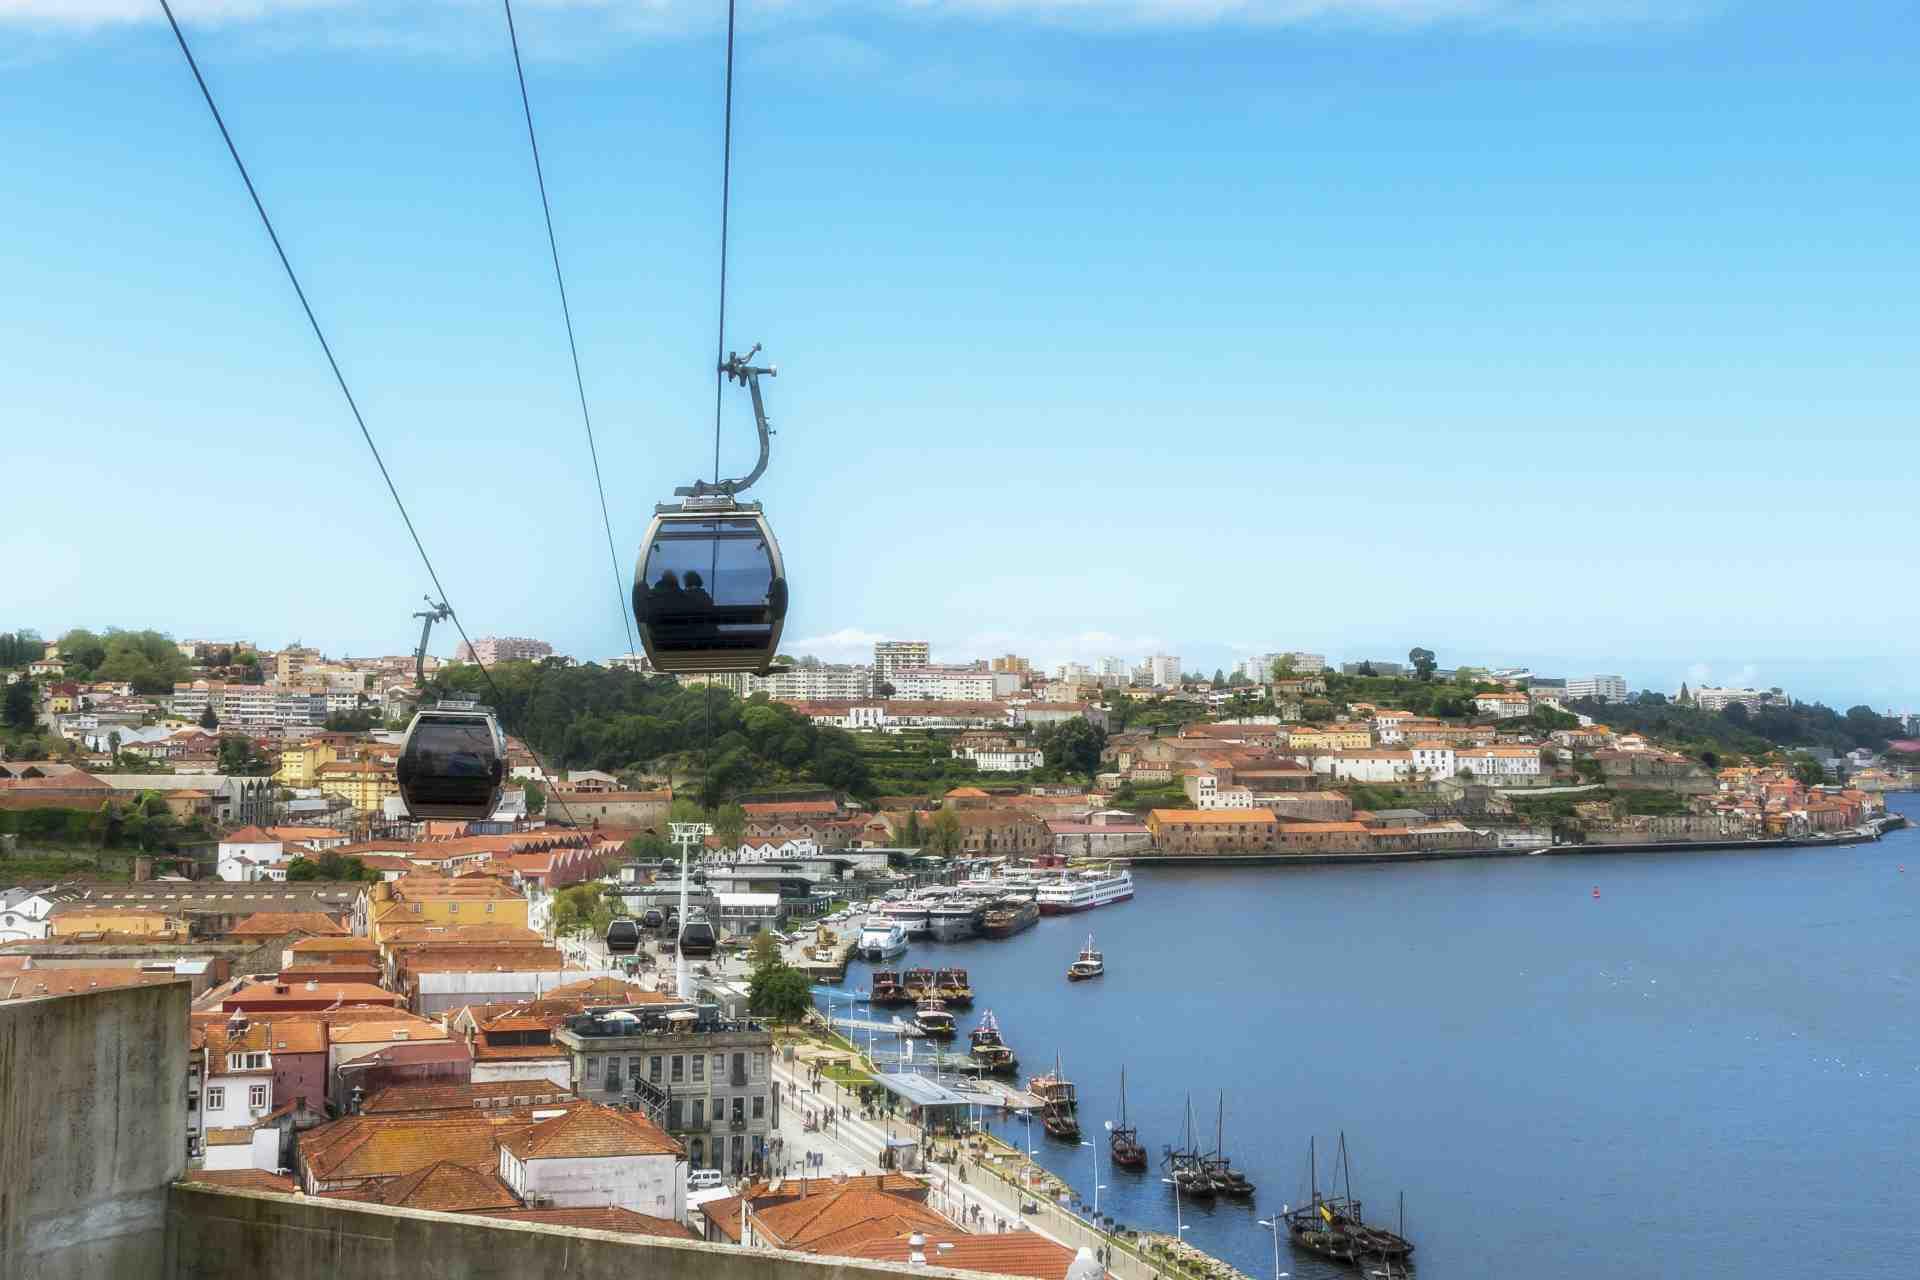 Urban Cable Car in Porto